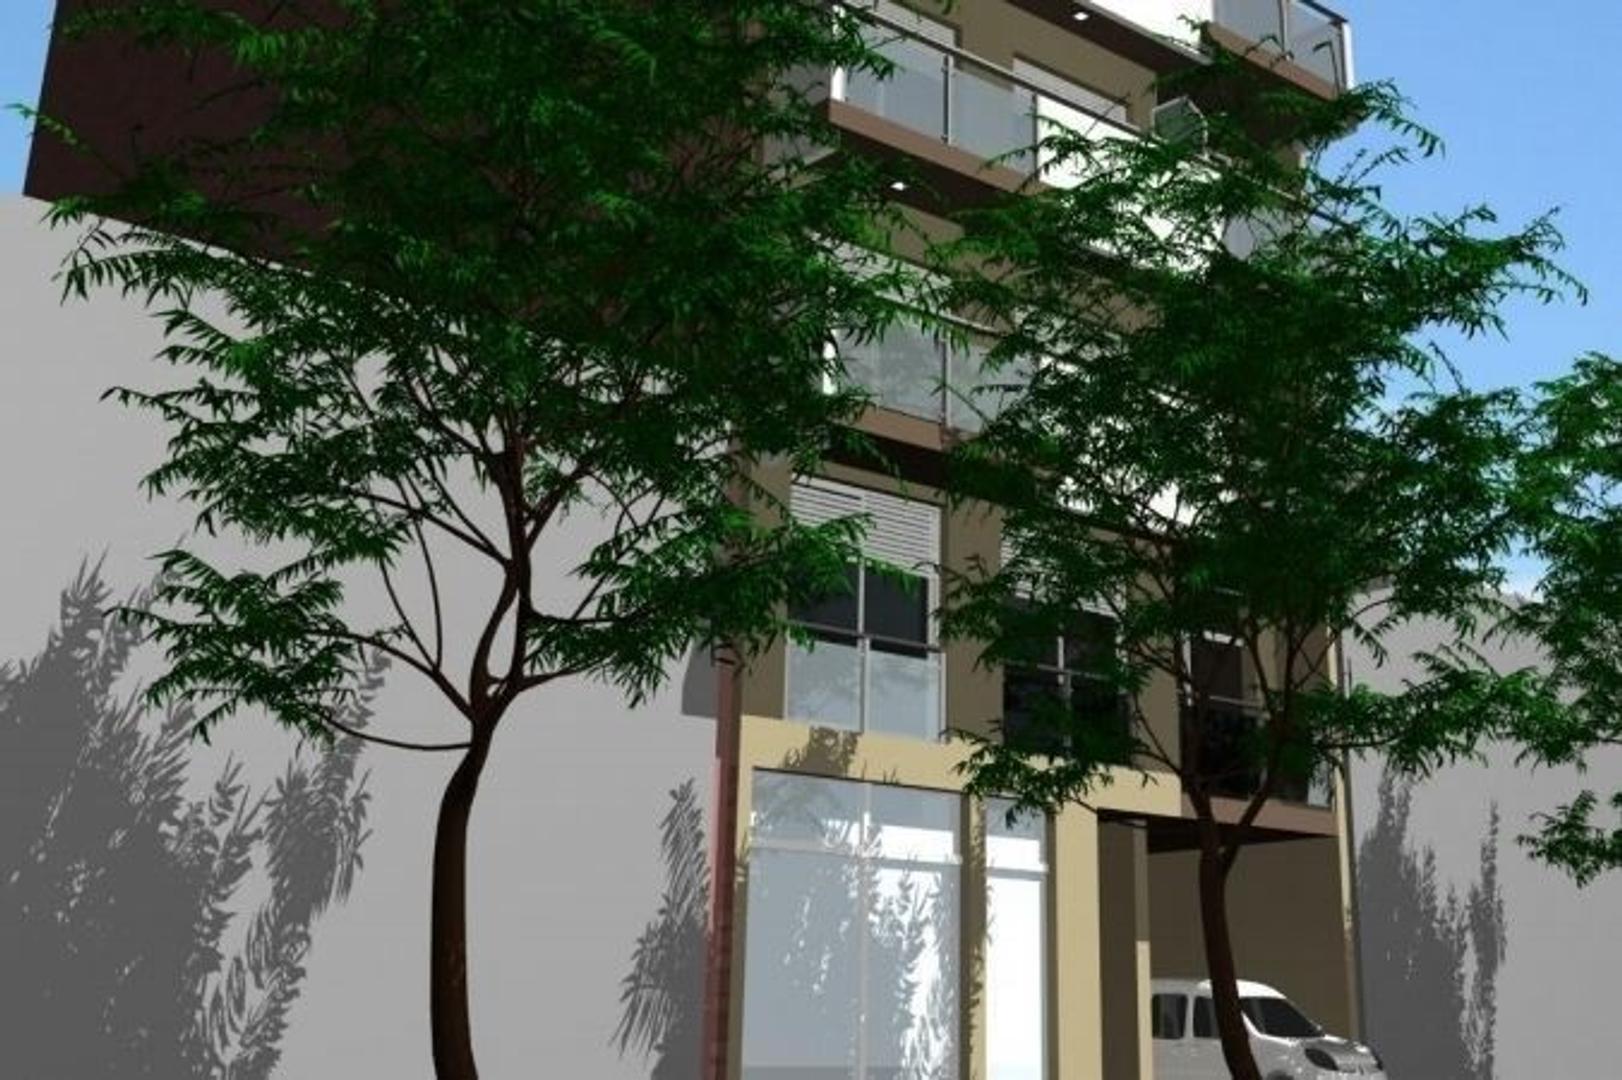 Departamento 1 dormitorio a la venta Rosario. Ituzaingo y Necochea. Entrega Agosto 2016.